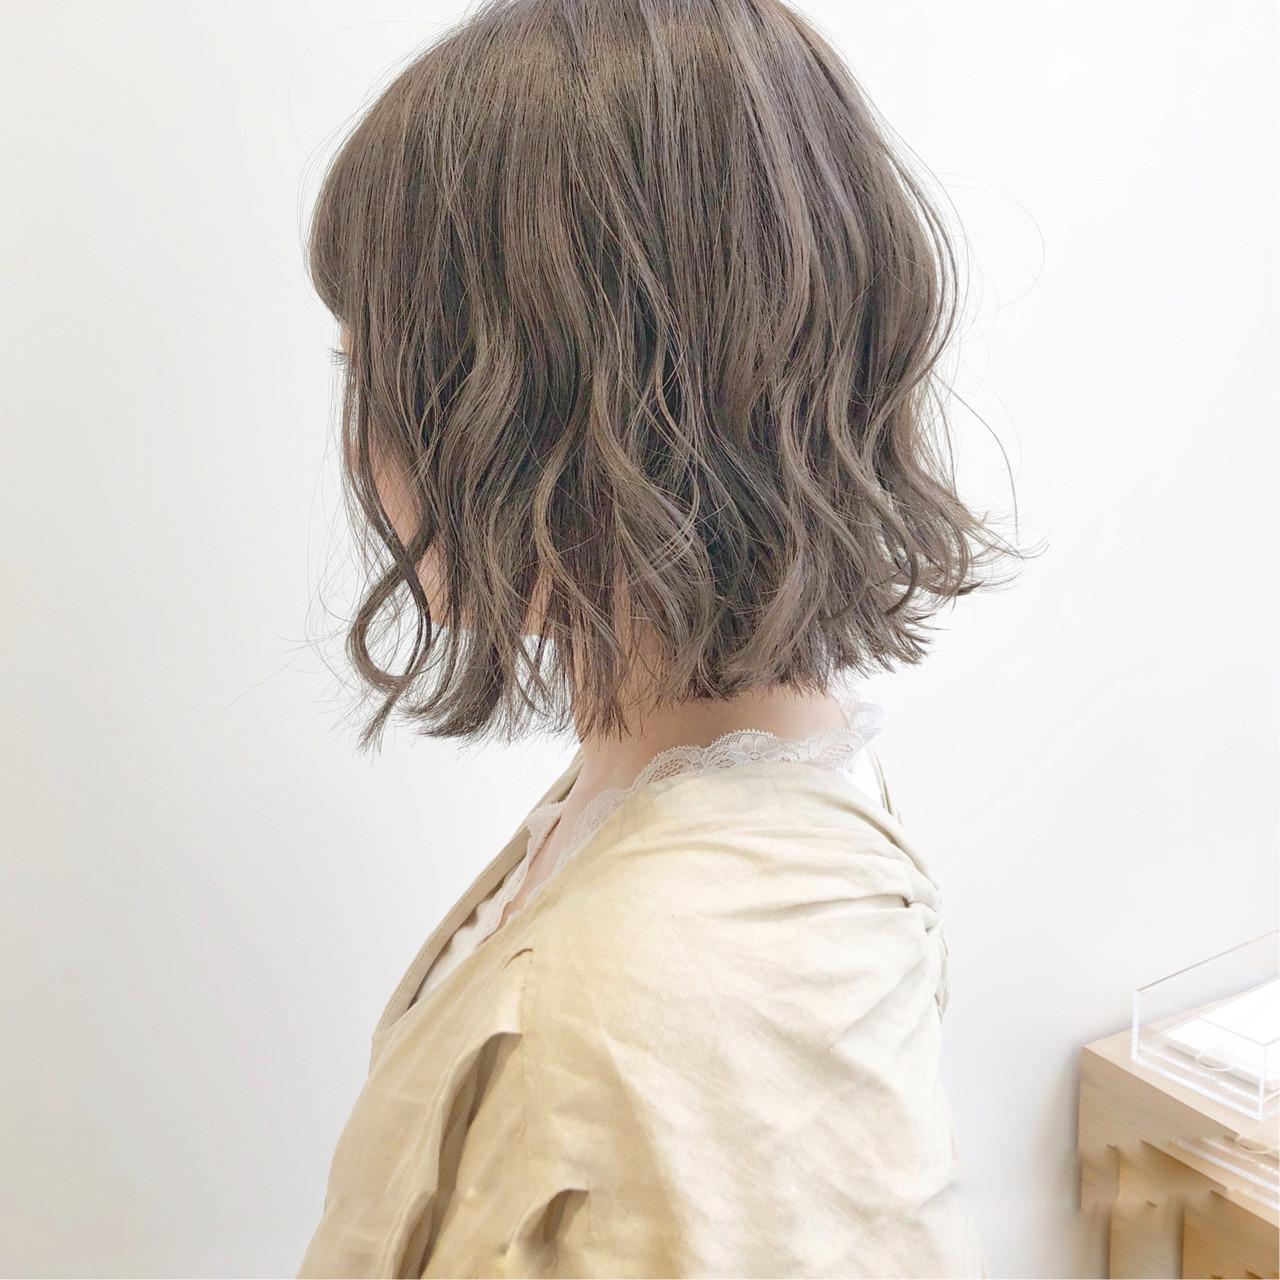 切りっぱなしボブ ウルフカット ミニボブ ショートヘア ヘアスタイルや髪型の写真・画像 | 『ボブ美容師』永田邦彦 表参道 / send by HAIR